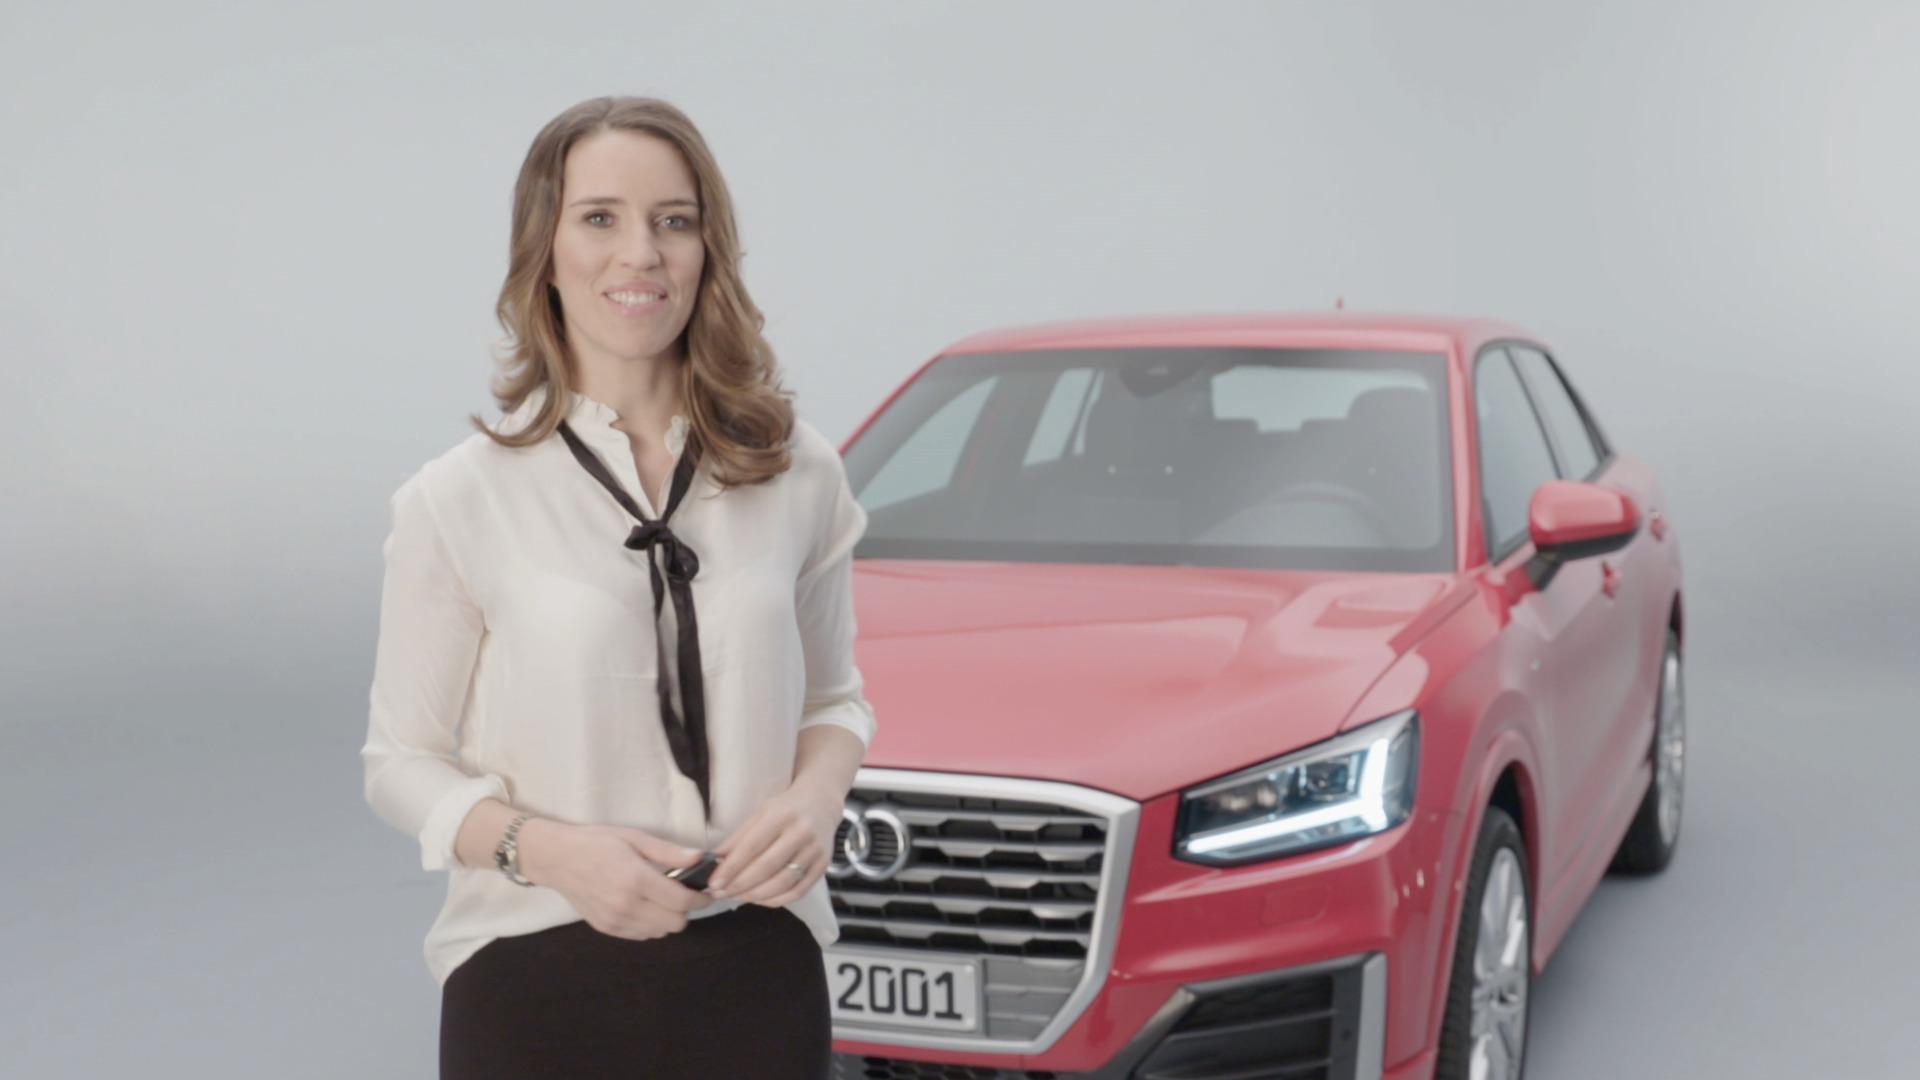 Exklusive Fahrzeugpräsentation - Der neue Audi Q2